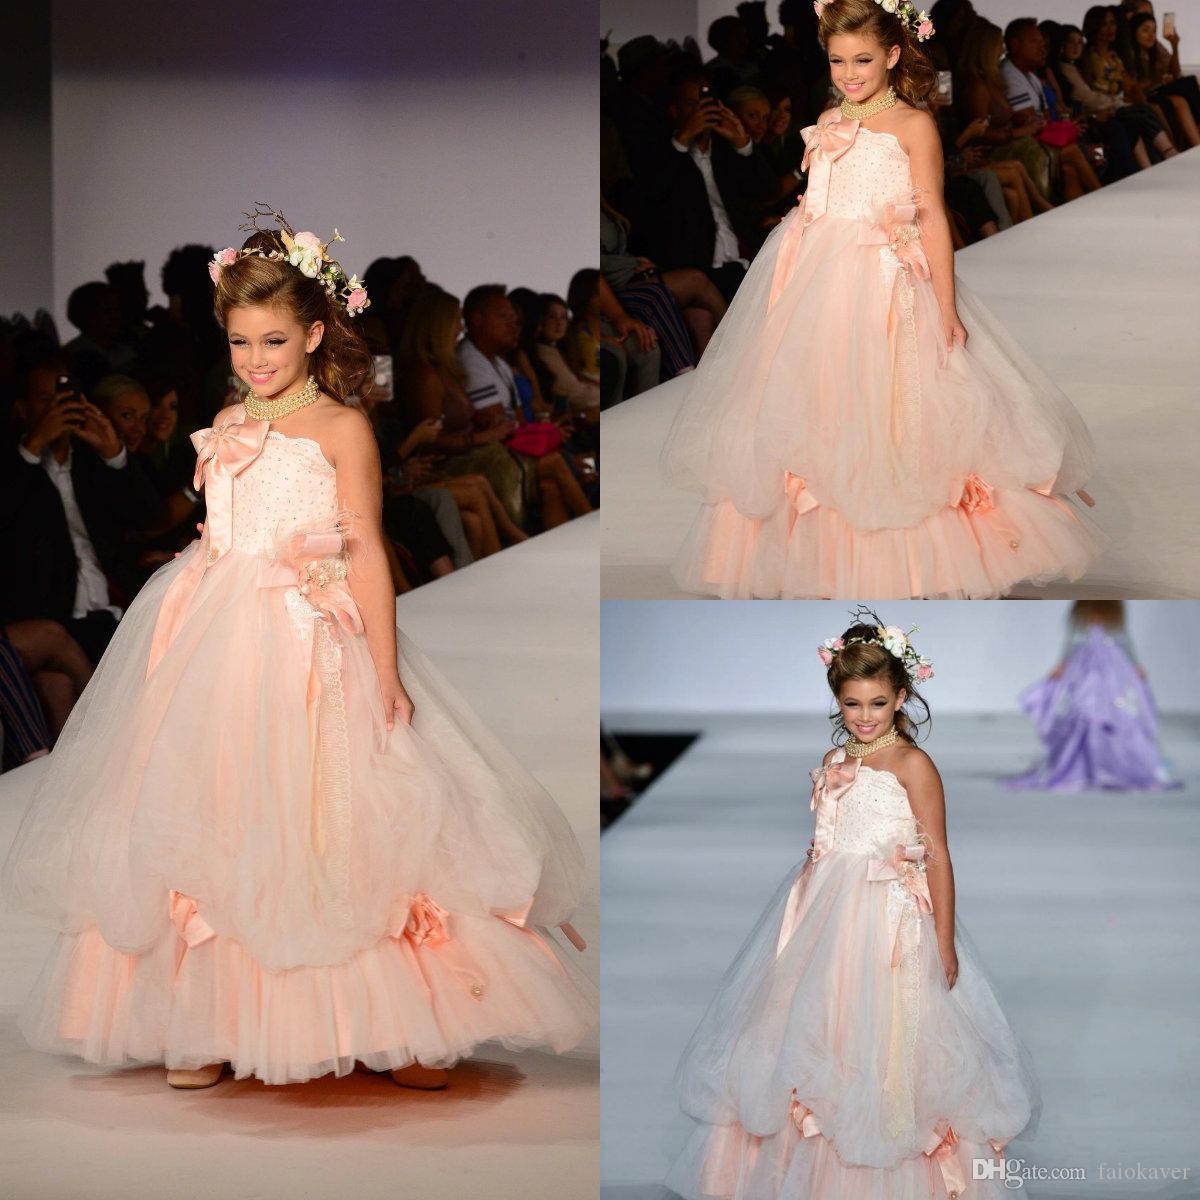 Robes de fille de fleur rose mignonnes sans bretelles avec de grandes perles d'arc Une robe de filles en ligne robes de tout-petits premières robes de communion pour la noce